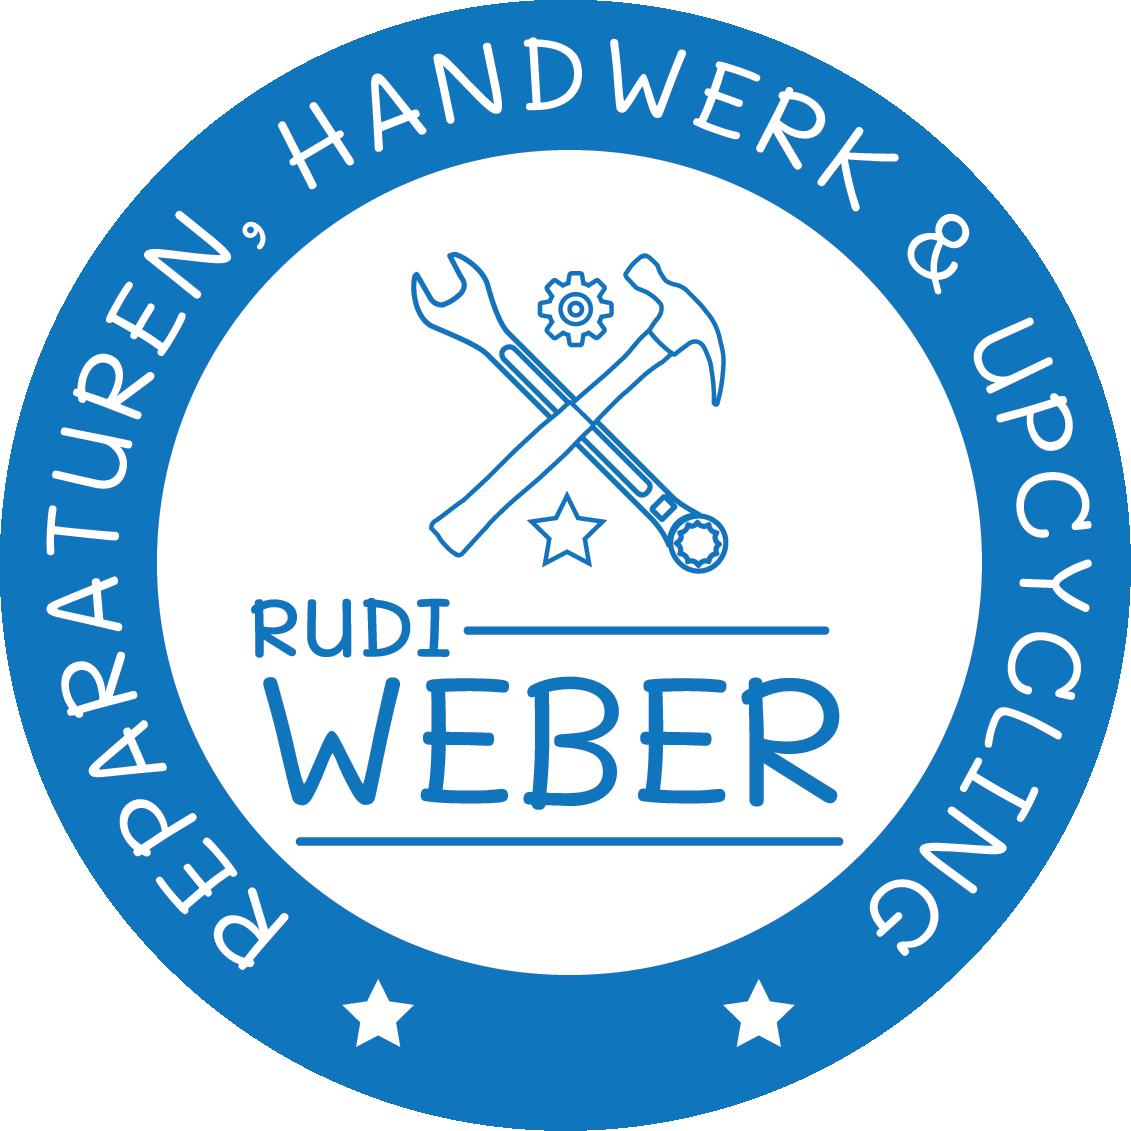 Rudi Weber